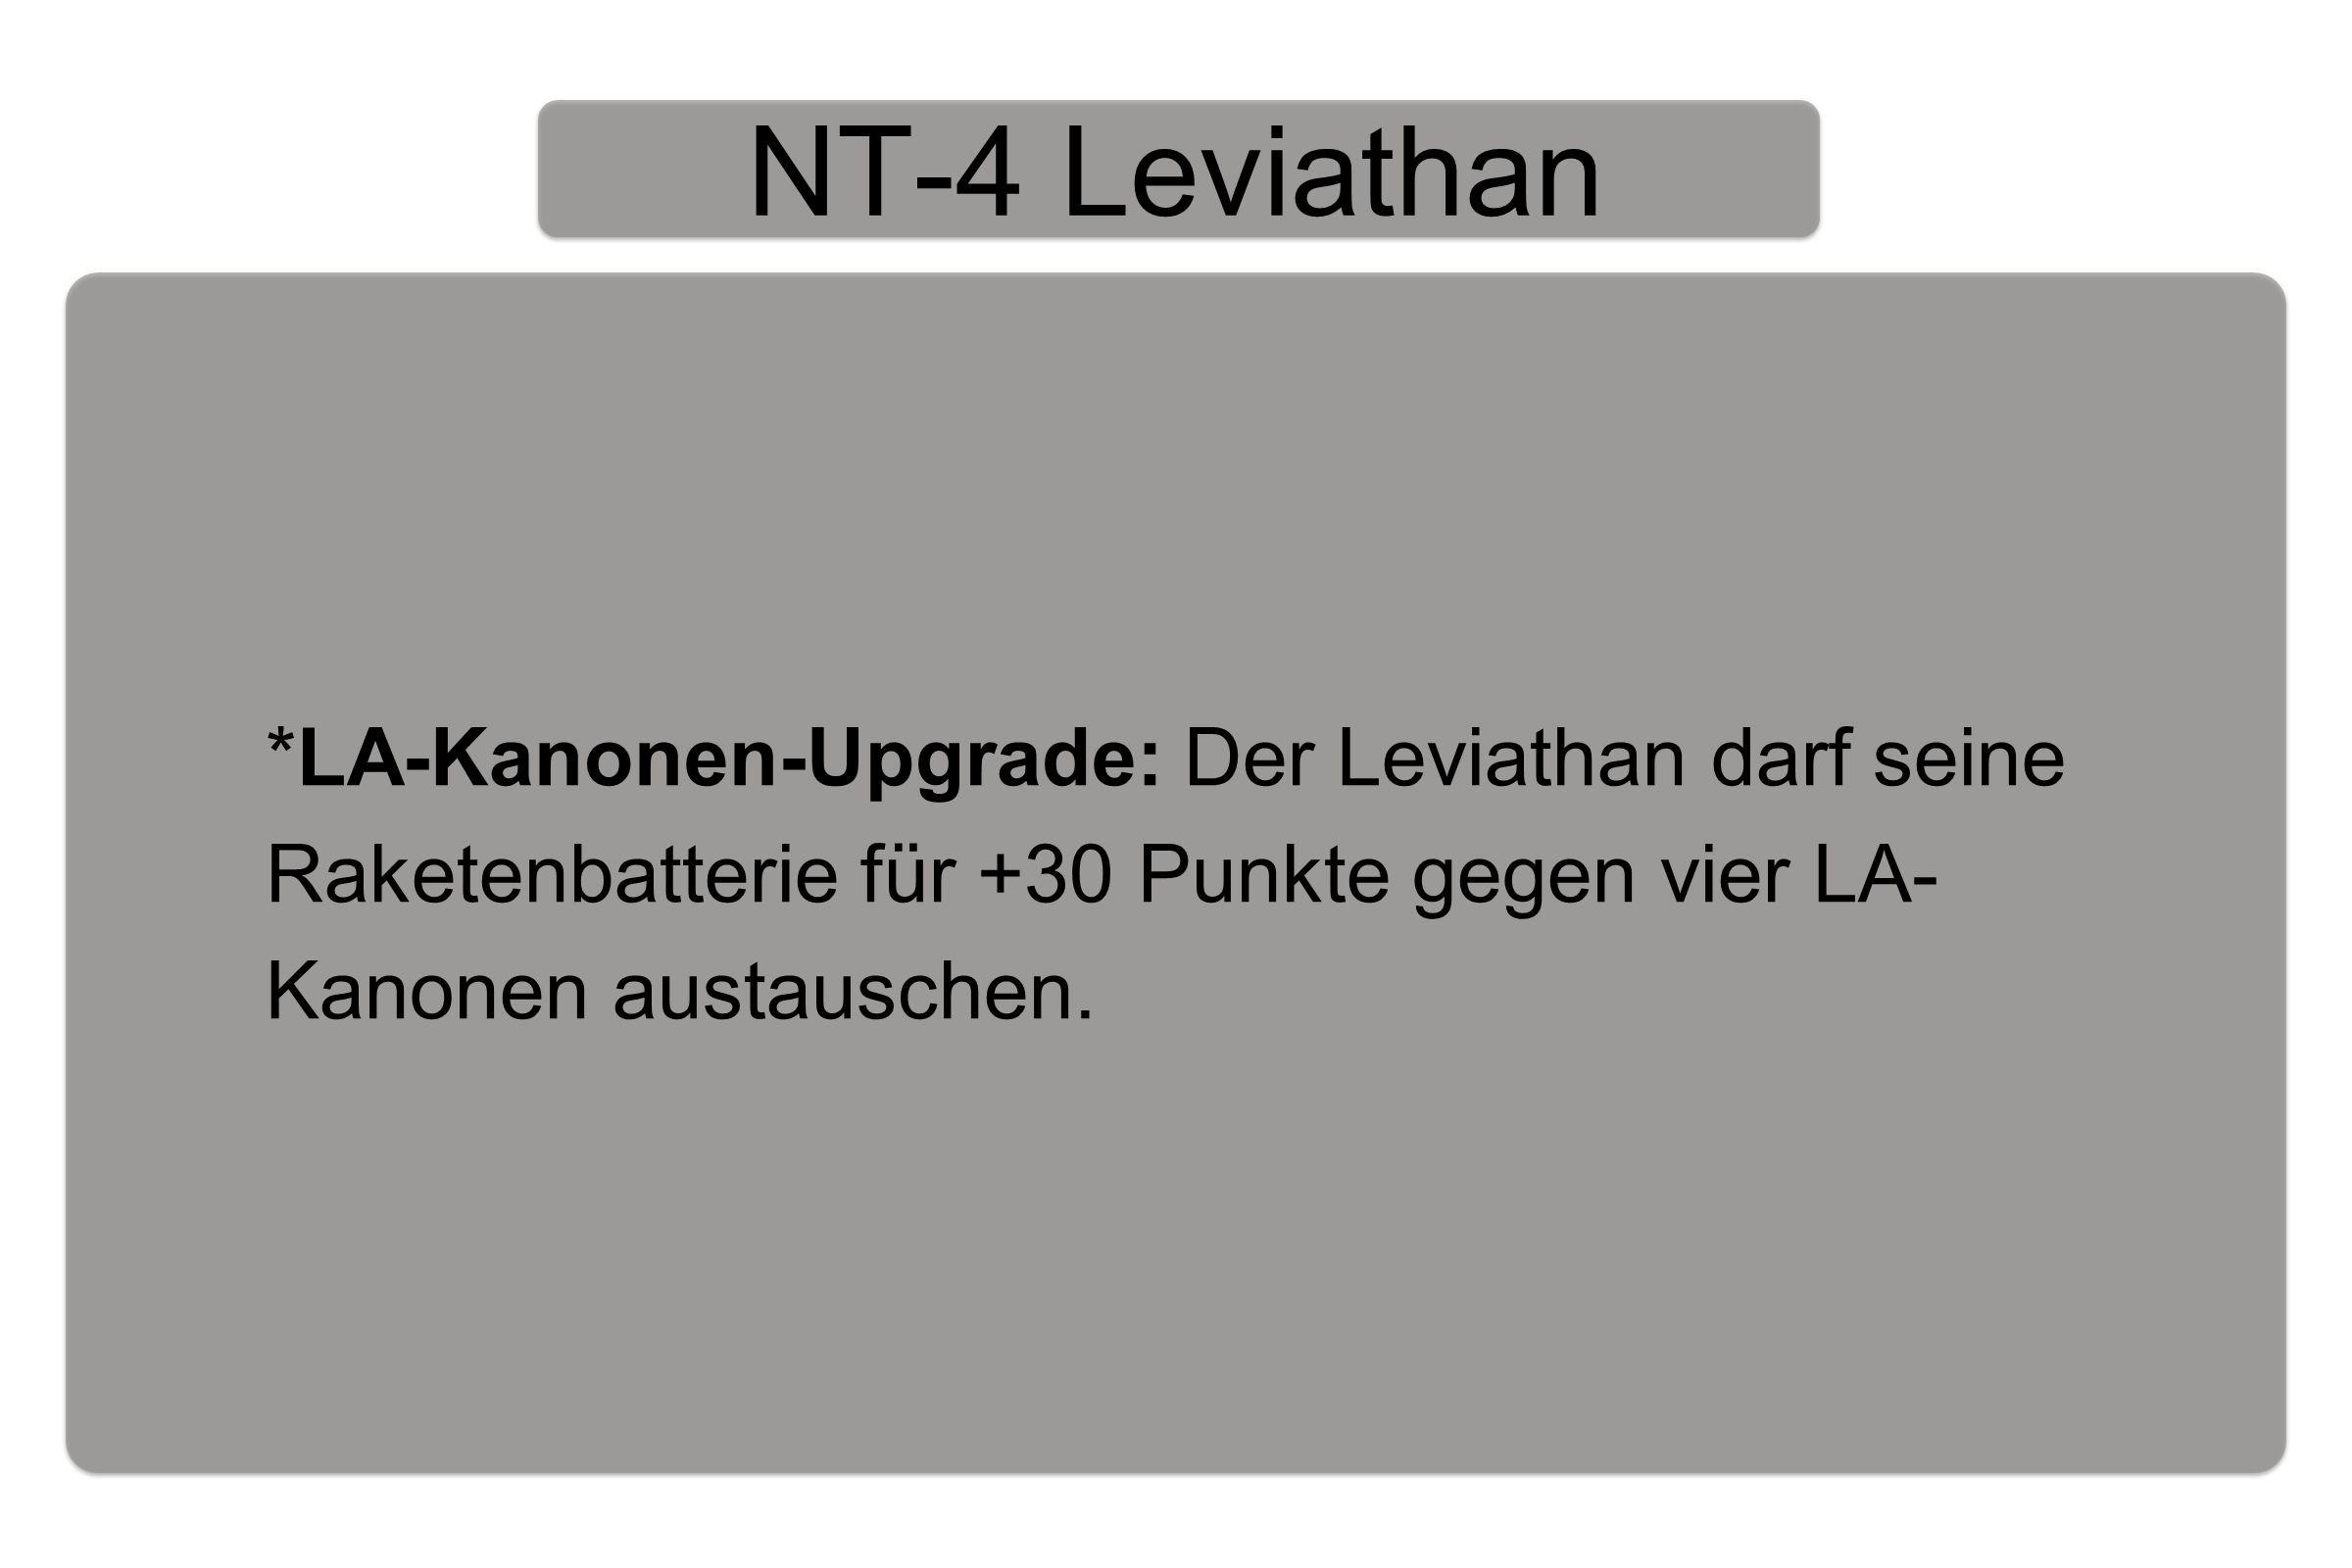 NT-4 Leviathan *LA-Kanonen-Upgrade: Der Leviathan darf seine Raketenbatterie für +30 Punkte gegen vier LA- Kanonen austauschen.